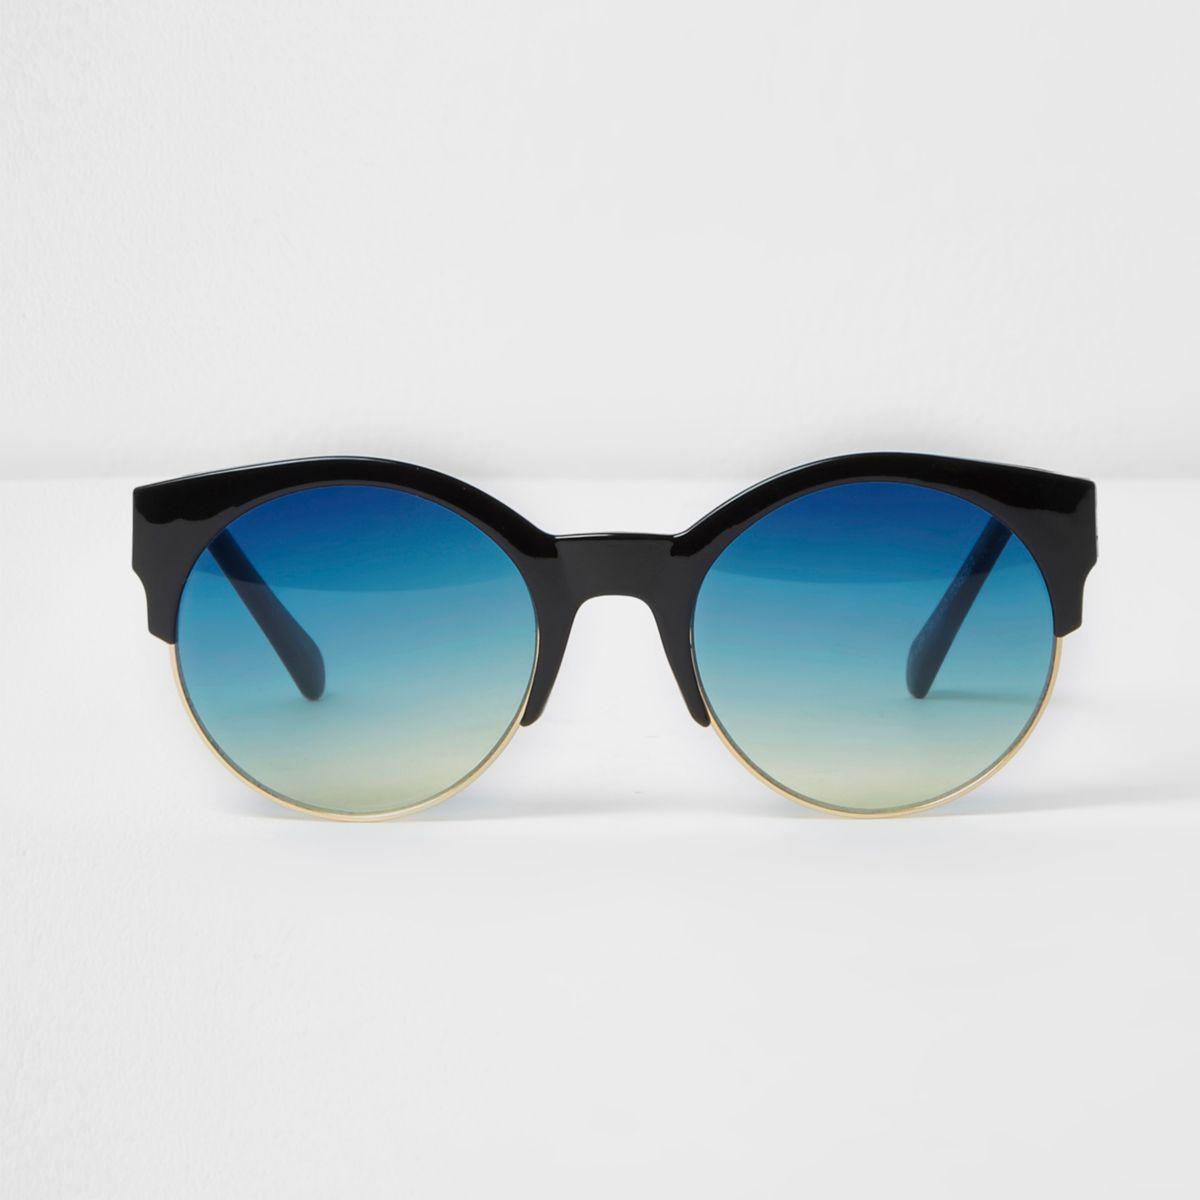 Black half frame blue lenses sunglasses